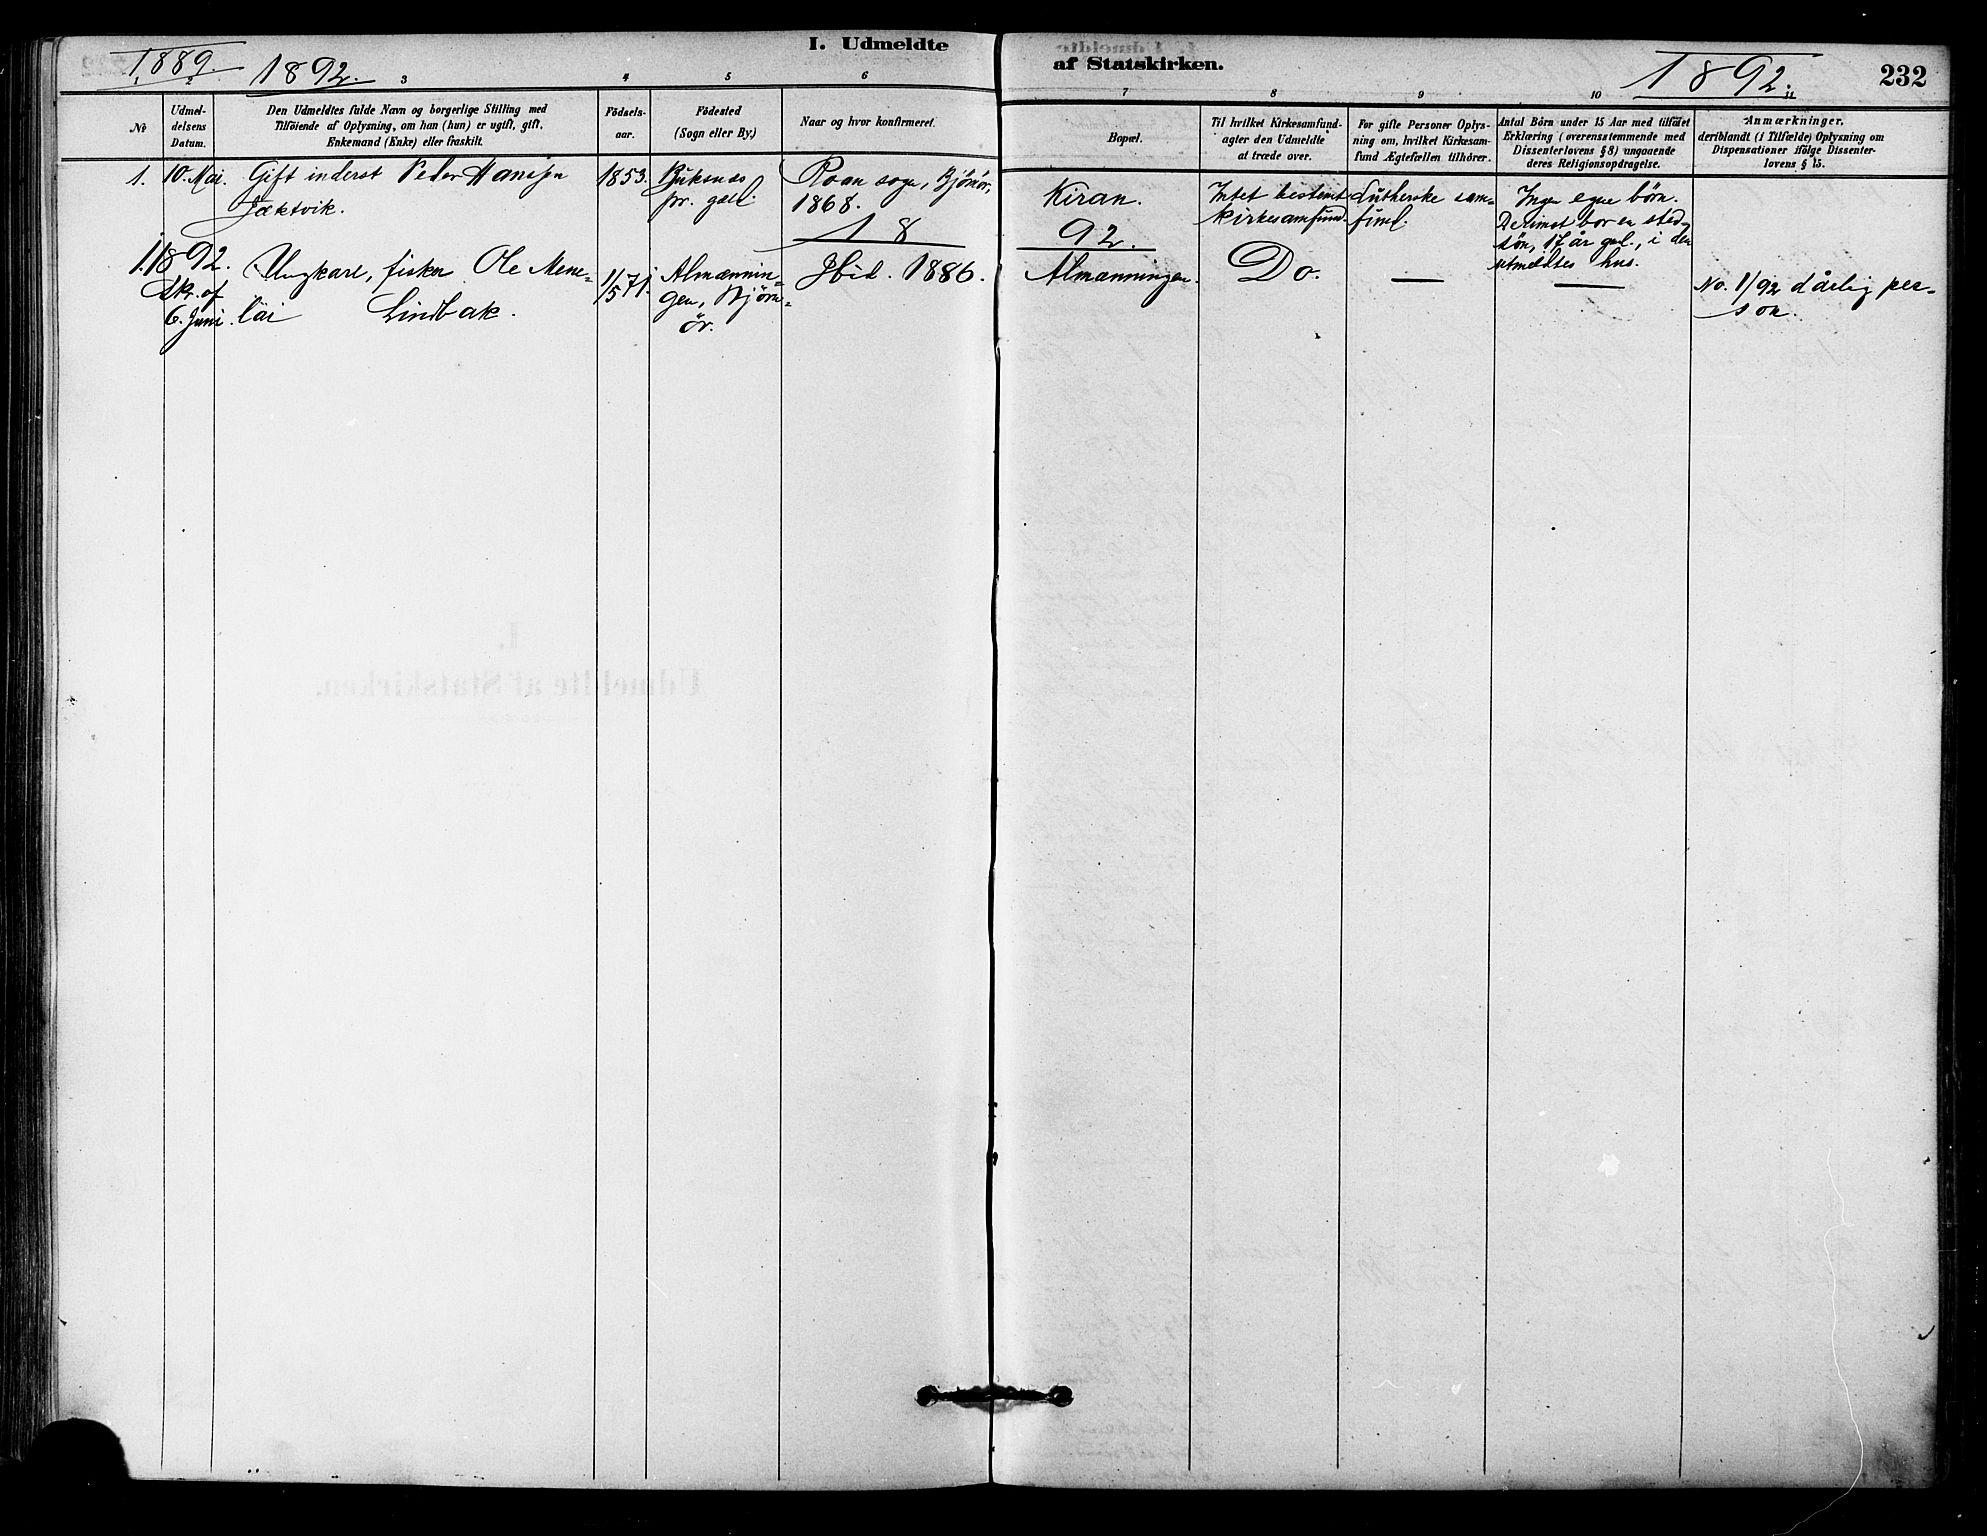 SAT, Ministerialprotokoller, klokkerbøker og fødselsregistre - Sør-Trøndelag, 657/L0707: Ministerialbok nr. 657A08, 1879-1893, s. 232